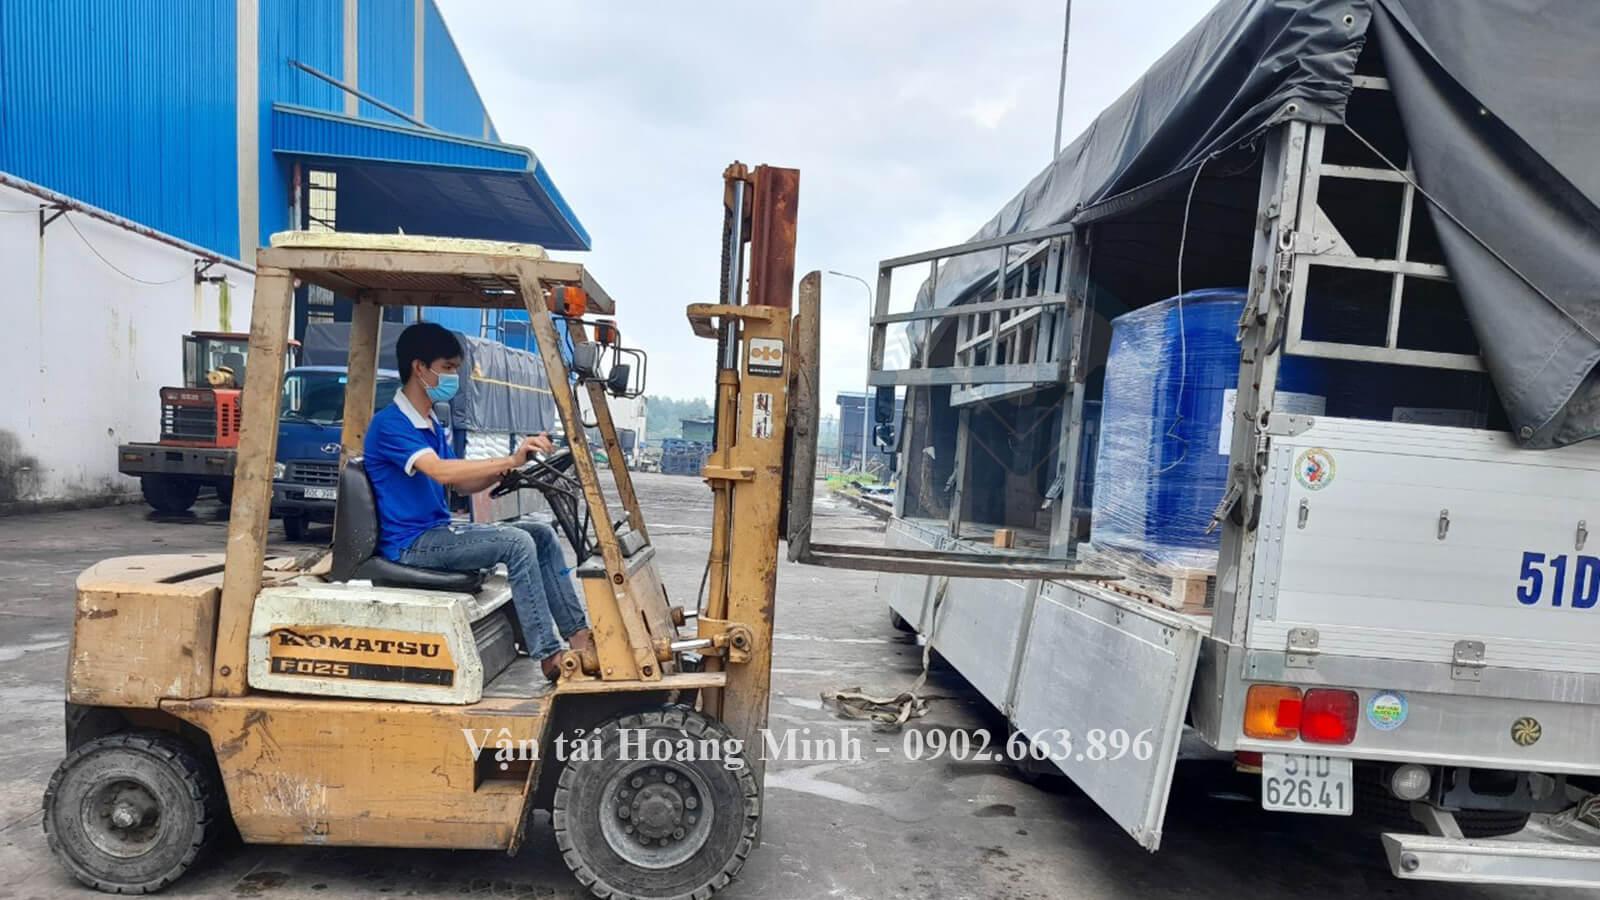 Chất lượng dịch vụ vận chuyển dầu nhớt của Vận tải Hoàng Minh